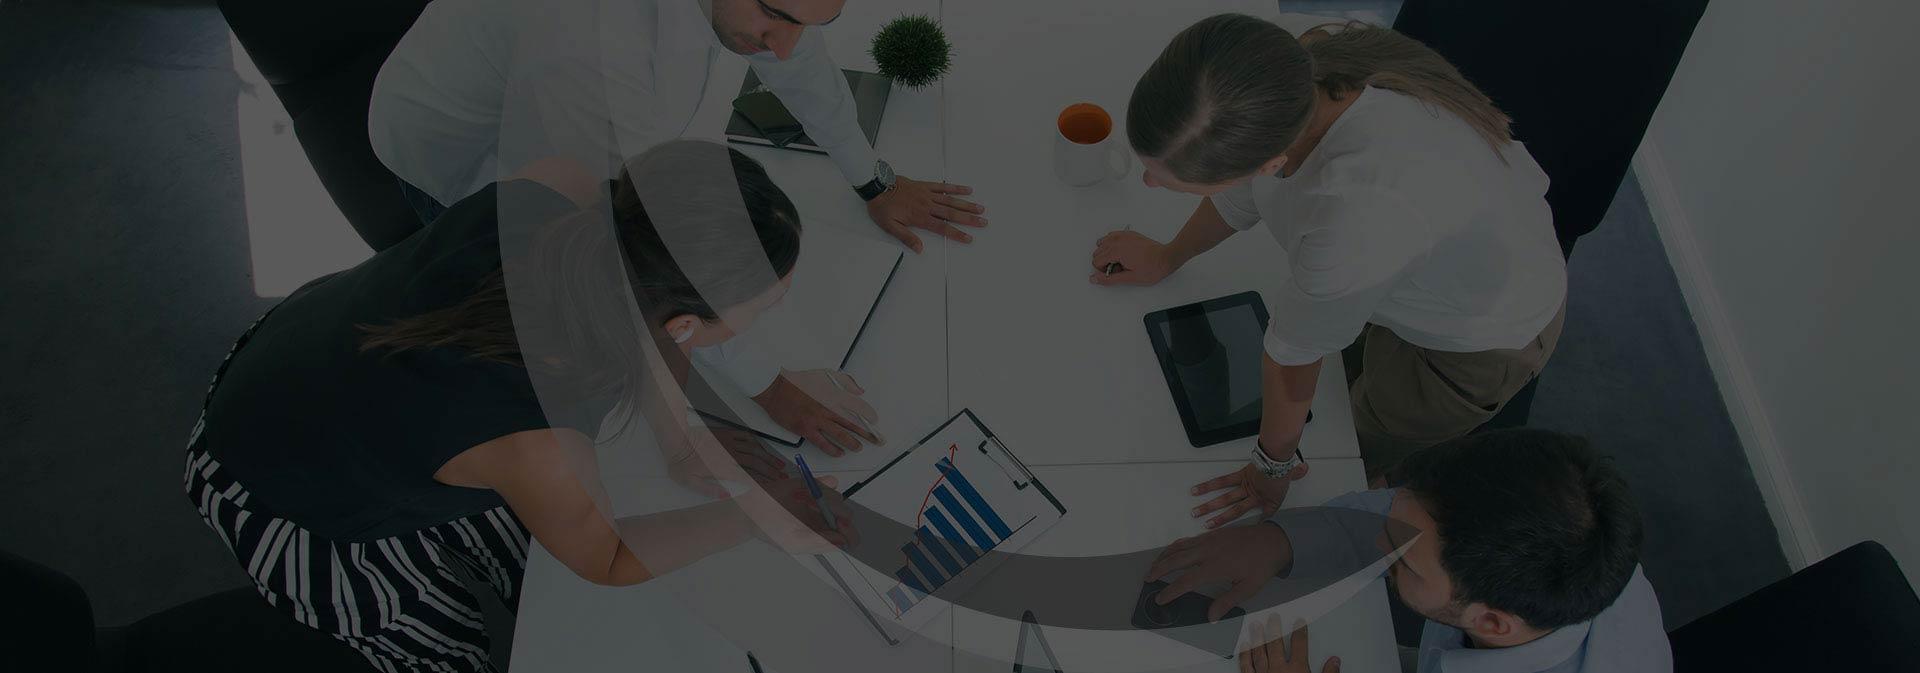 Projekty zvyšování efektivity AdviExpert